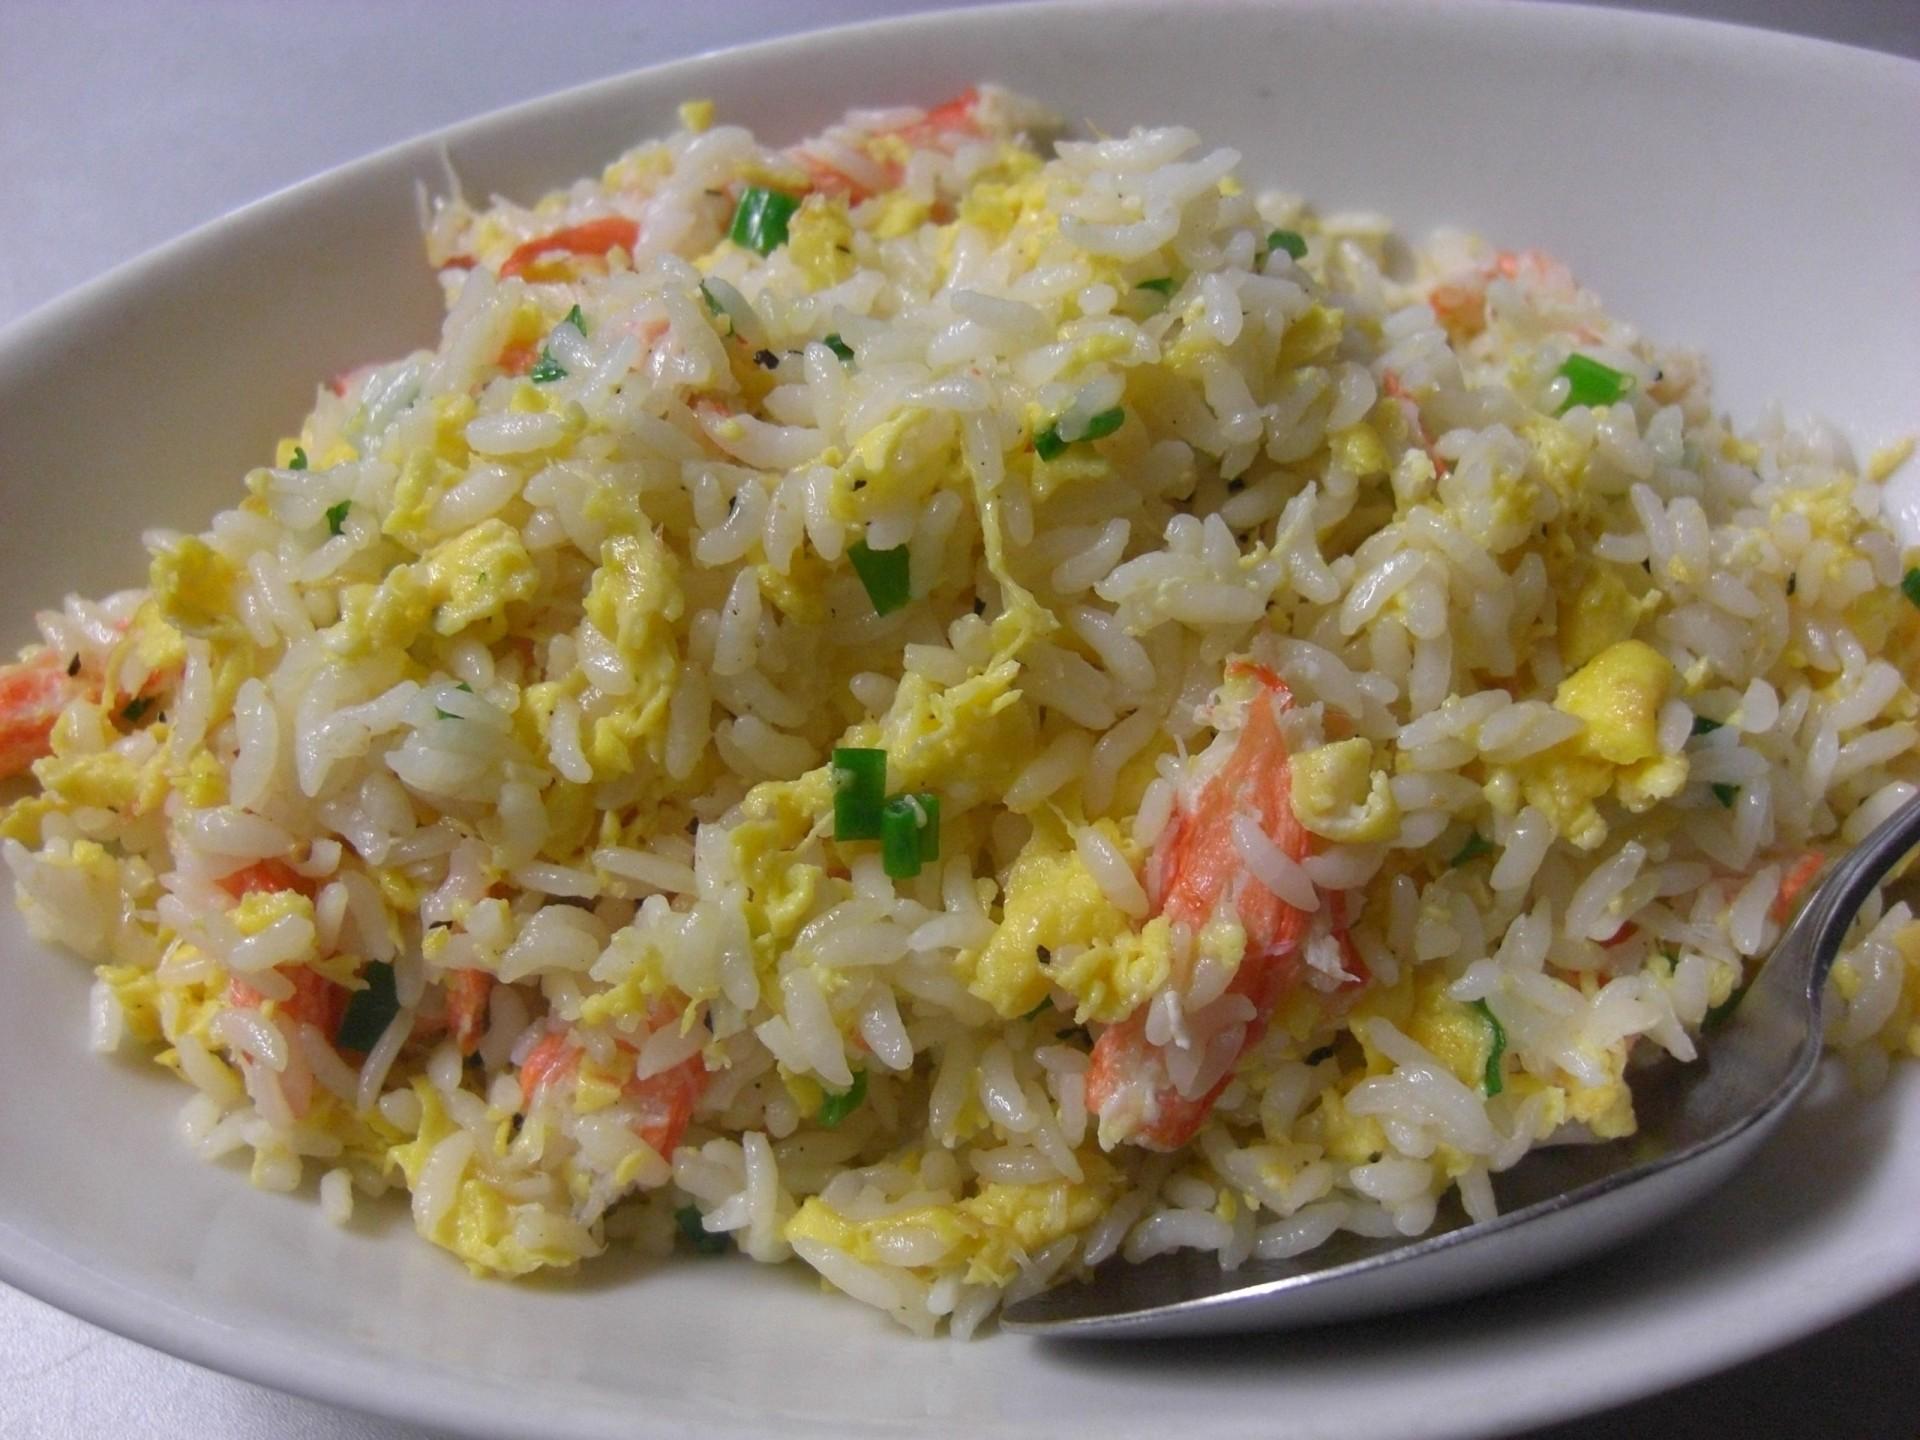 佐賀県産長粒米で作るパラパラチャーハン。